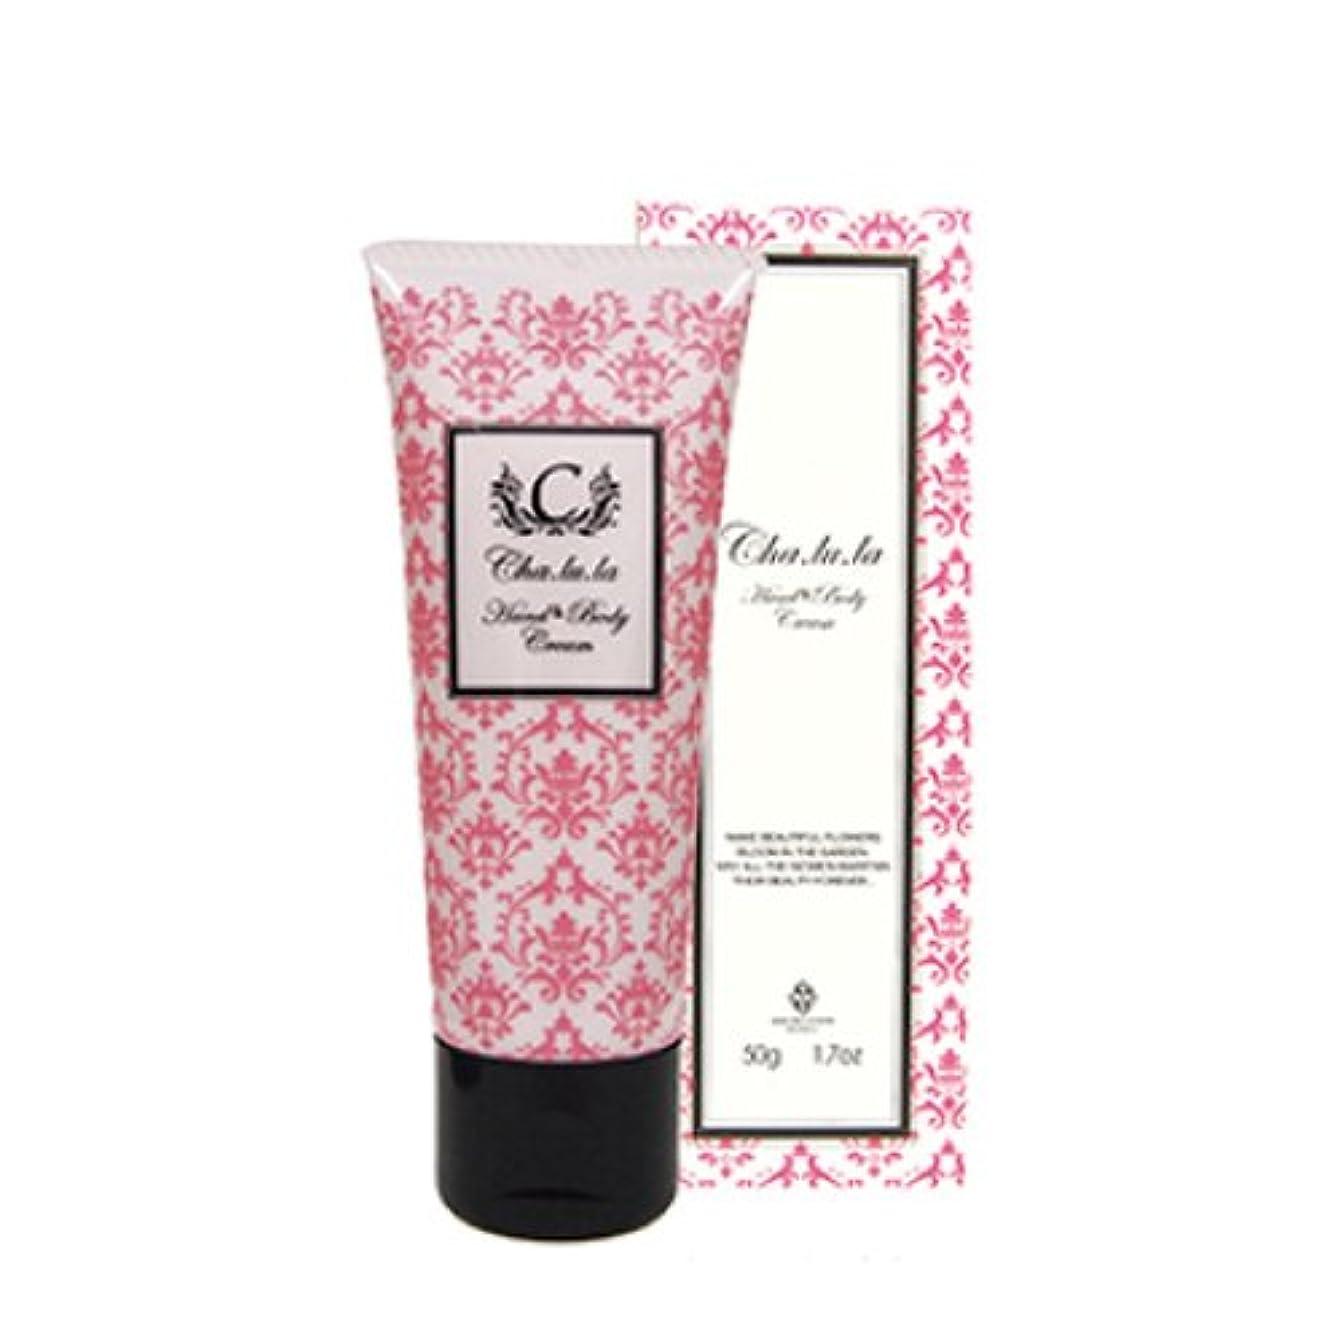 ゲートウェイ歌ヘロインシャルラ H&Bクリーム チャームフレグランスの香り <ハンド&ボディークリーム> 50g